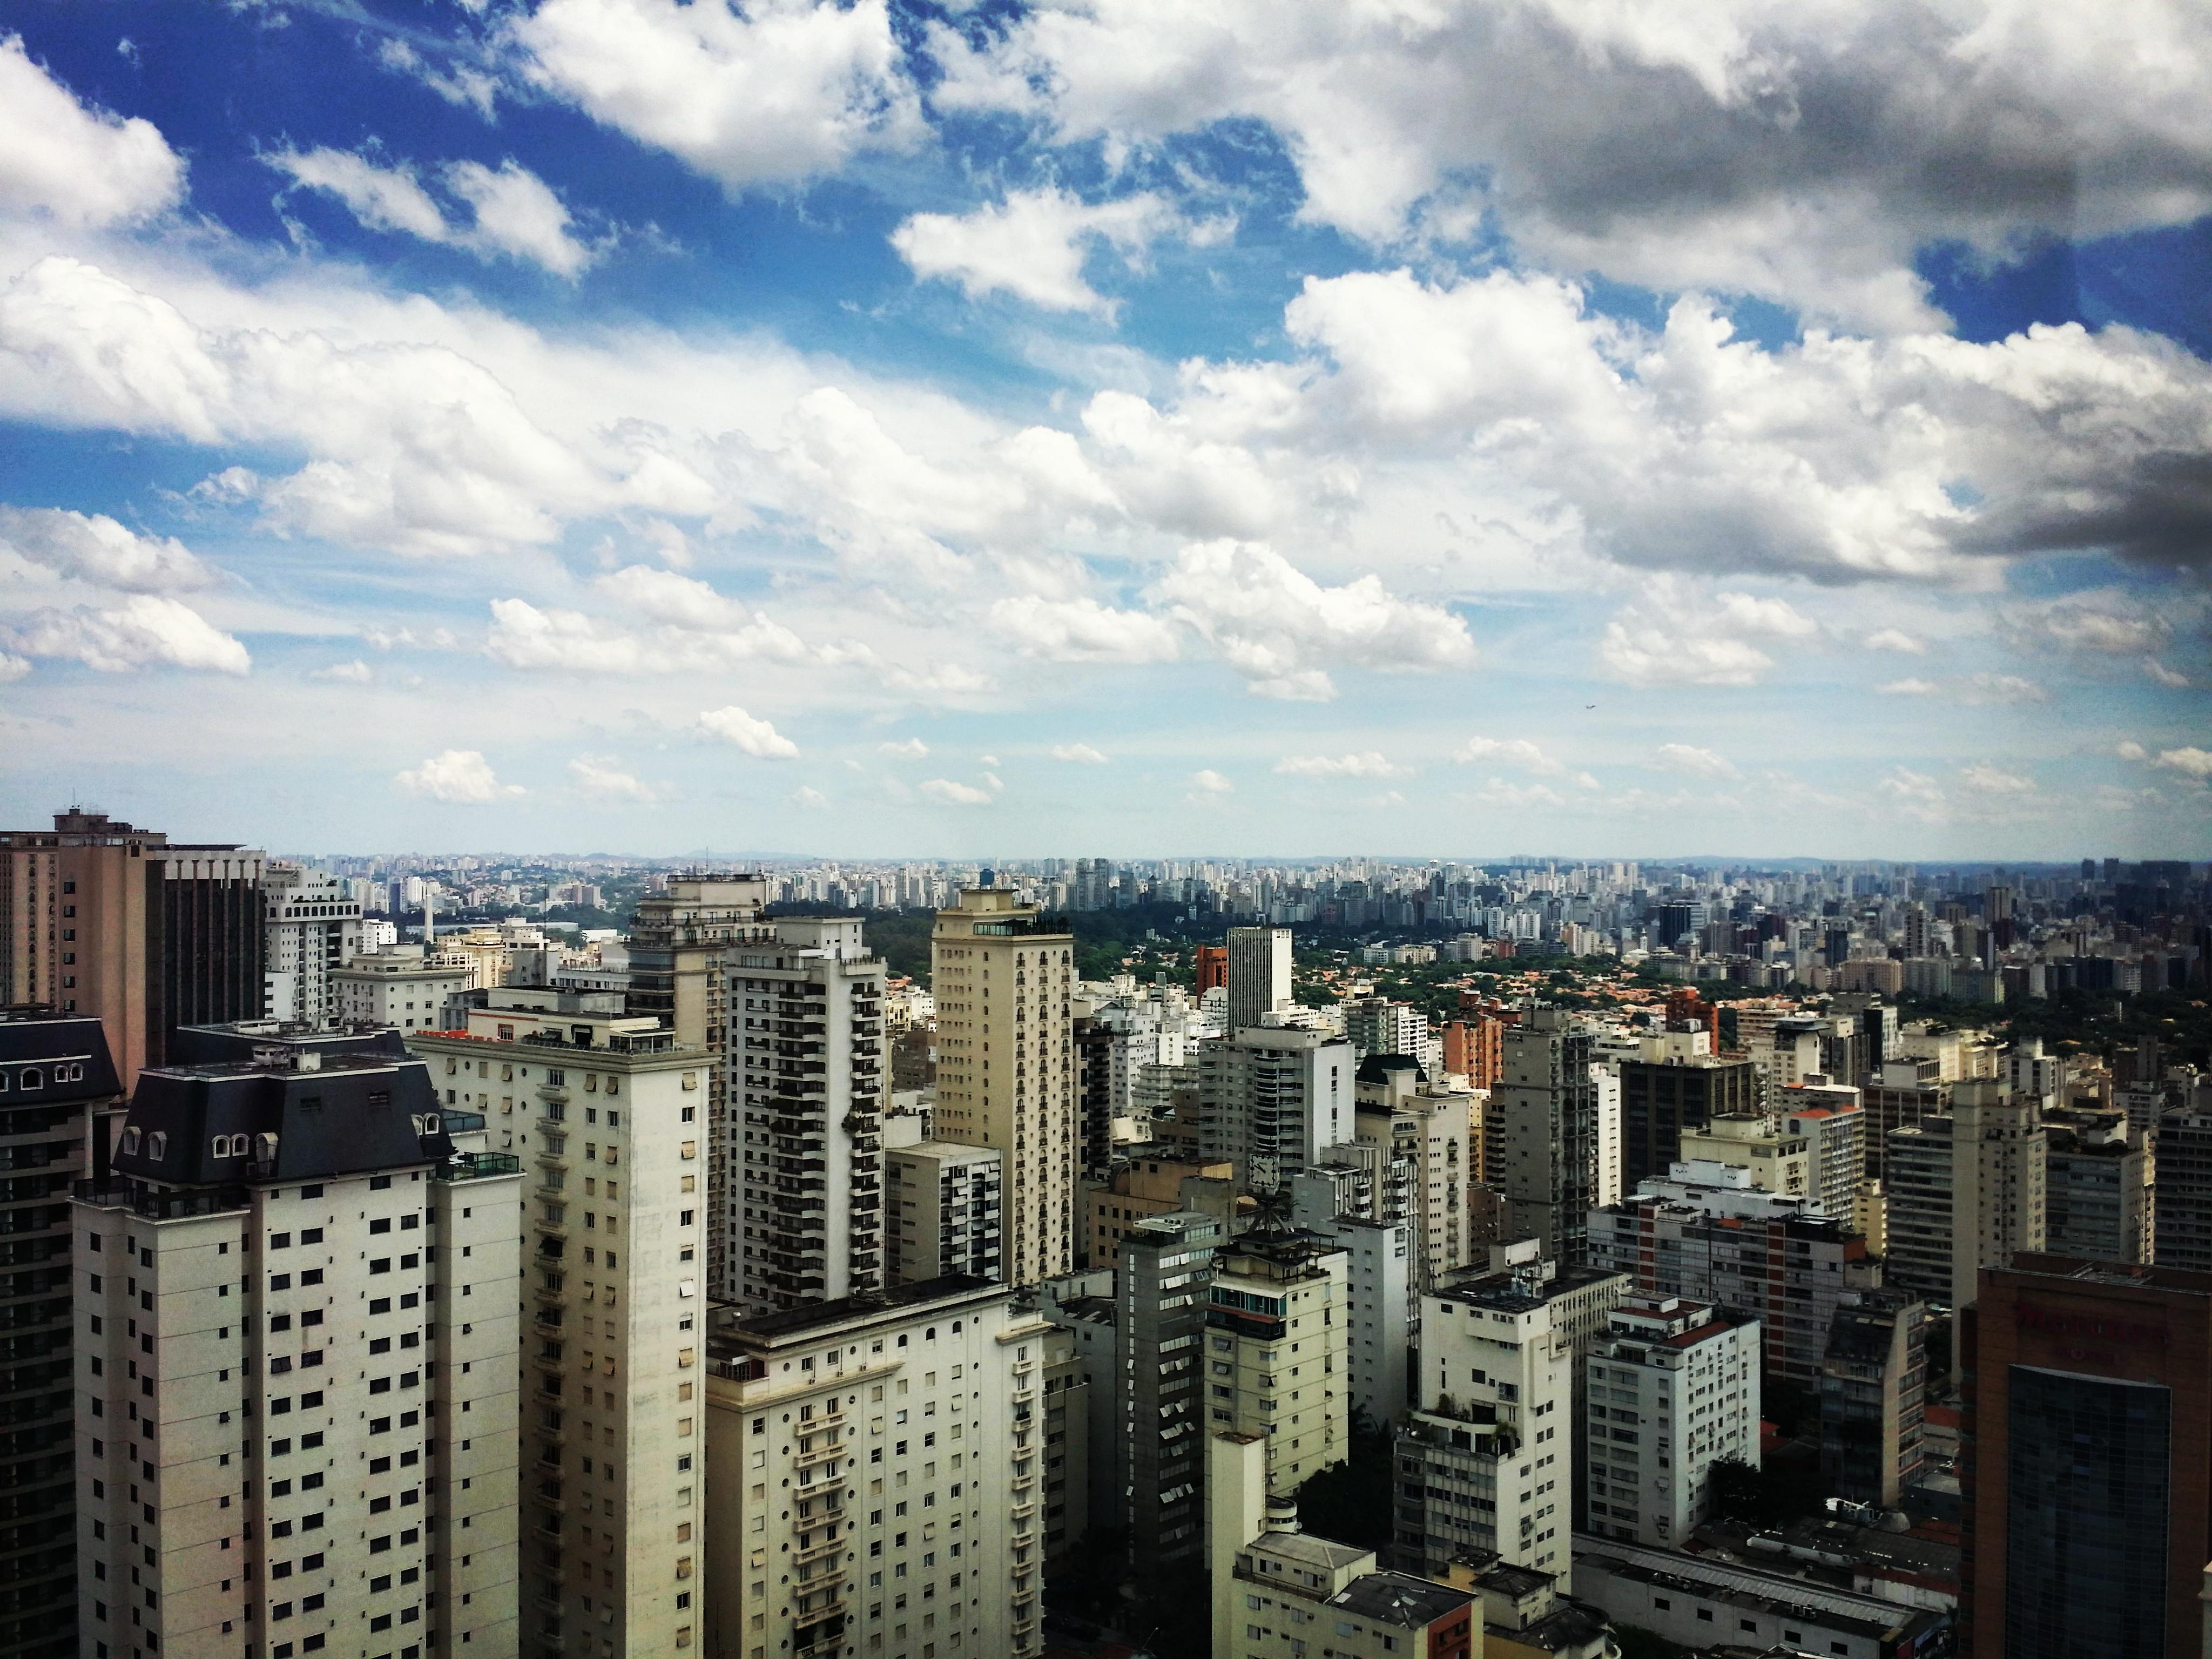 The skyline of São Paulo, Brazil